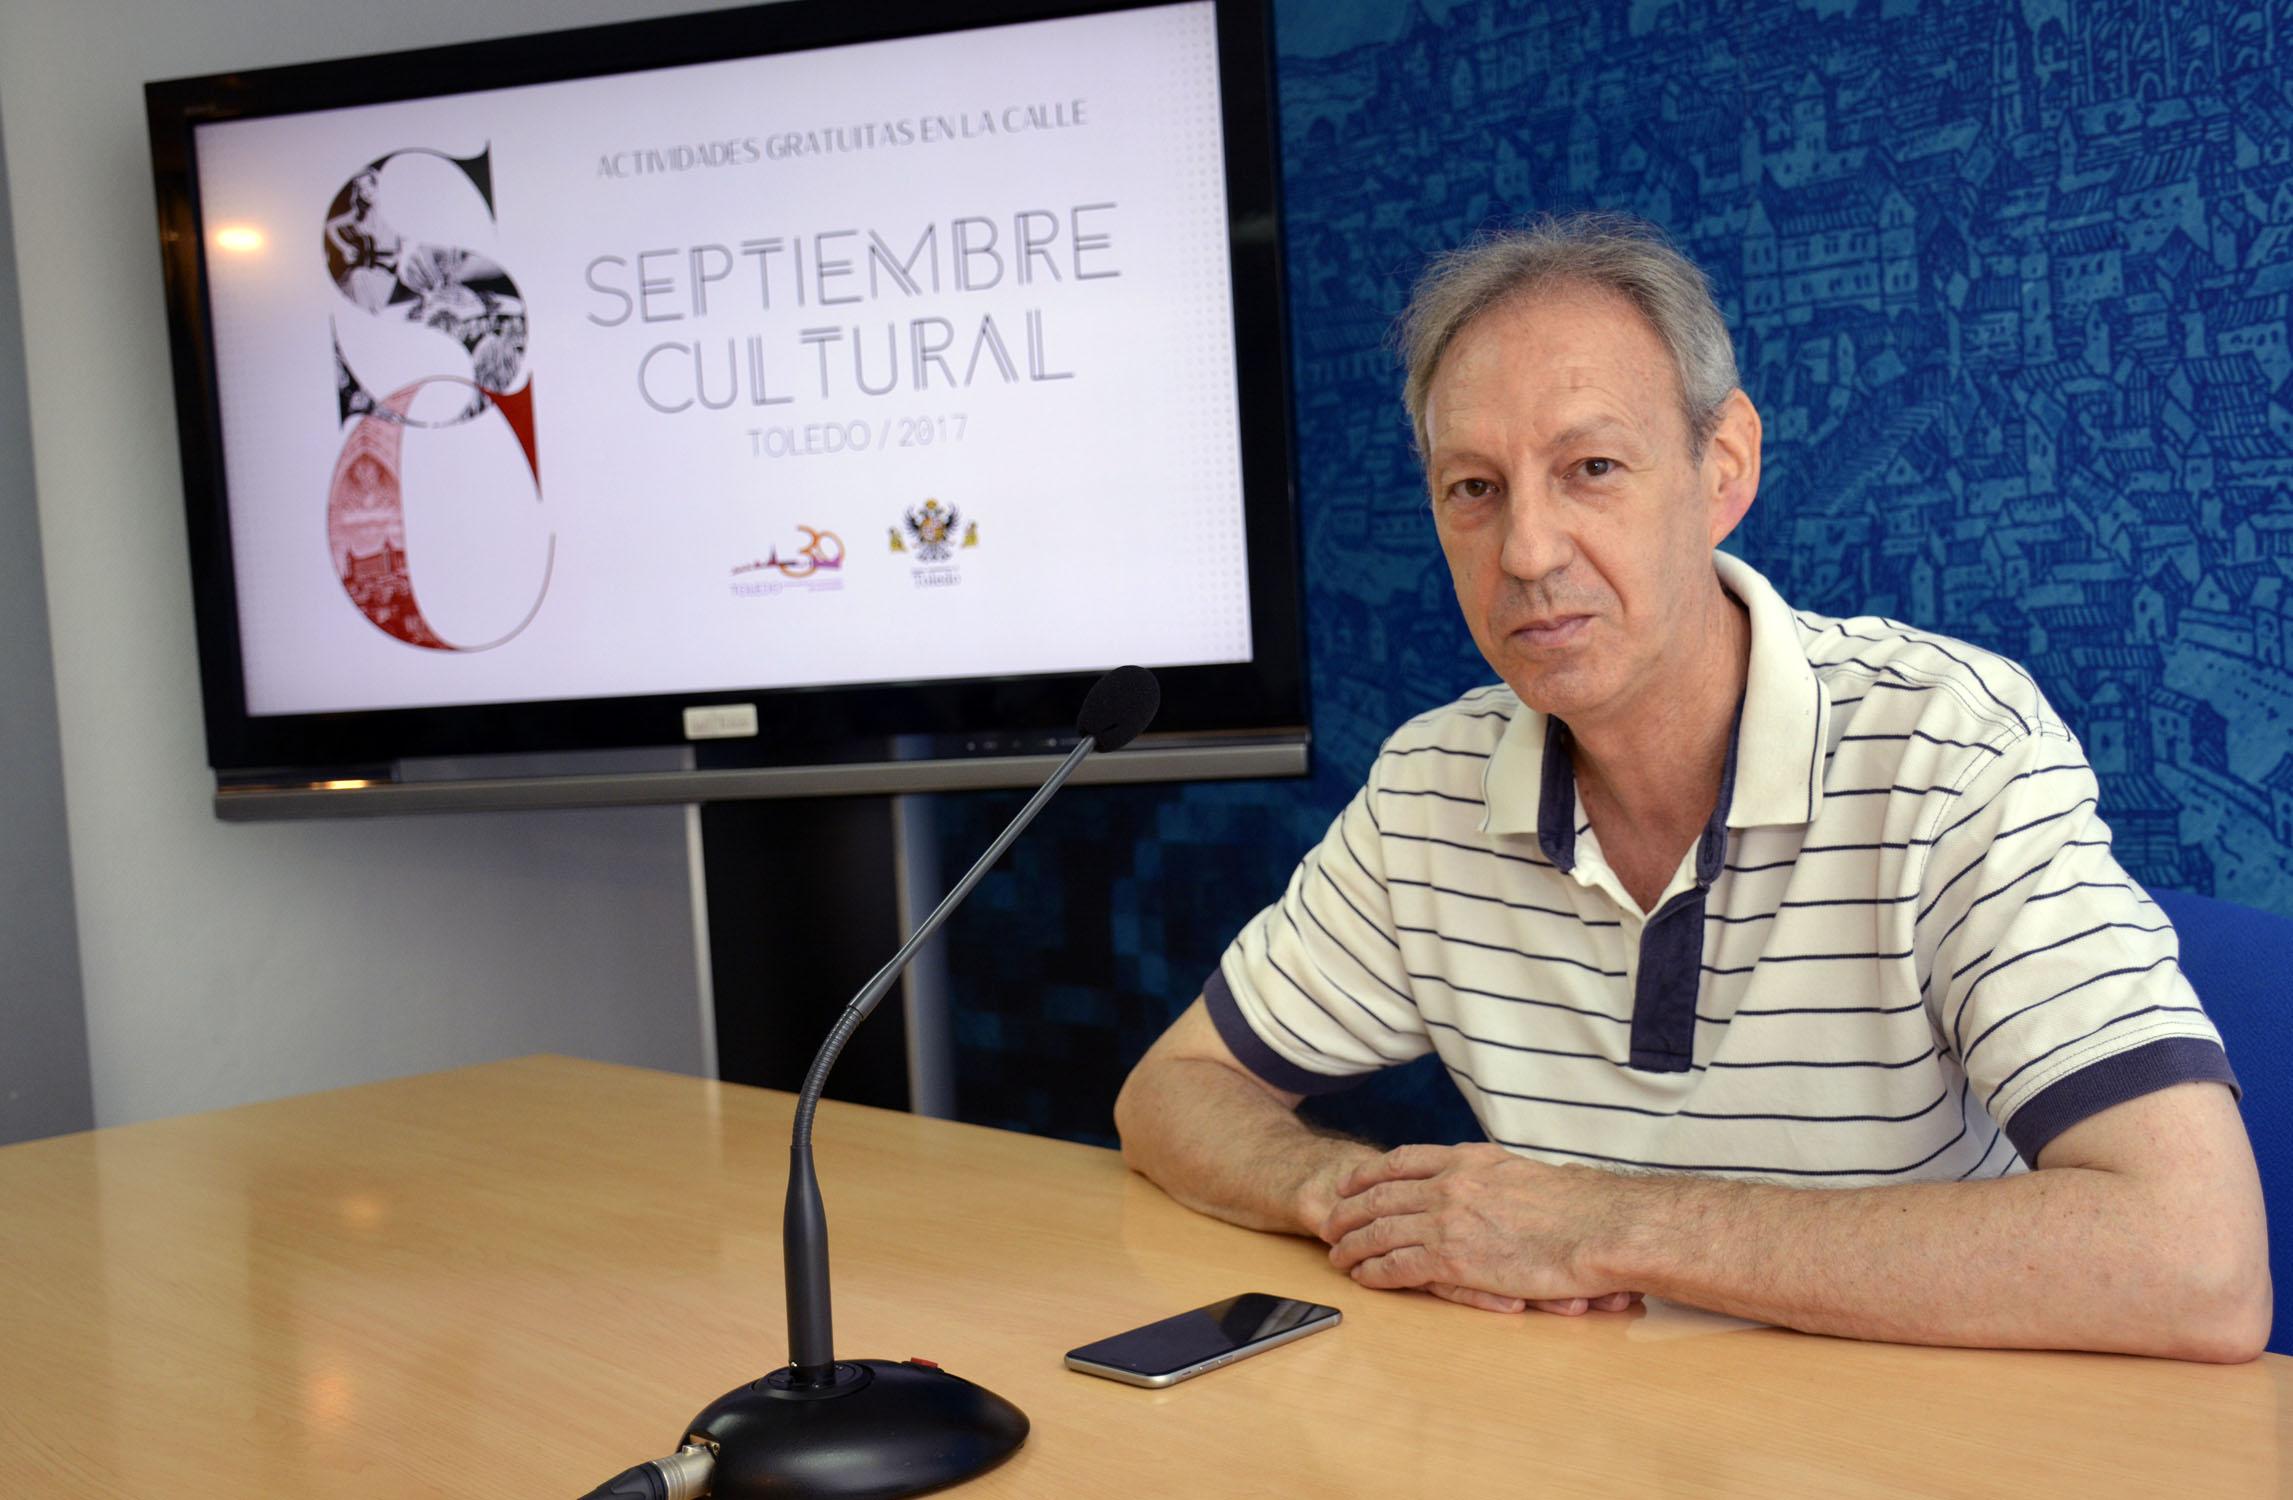 El concejal de Cultura, José María González, ha presentado la propuesta